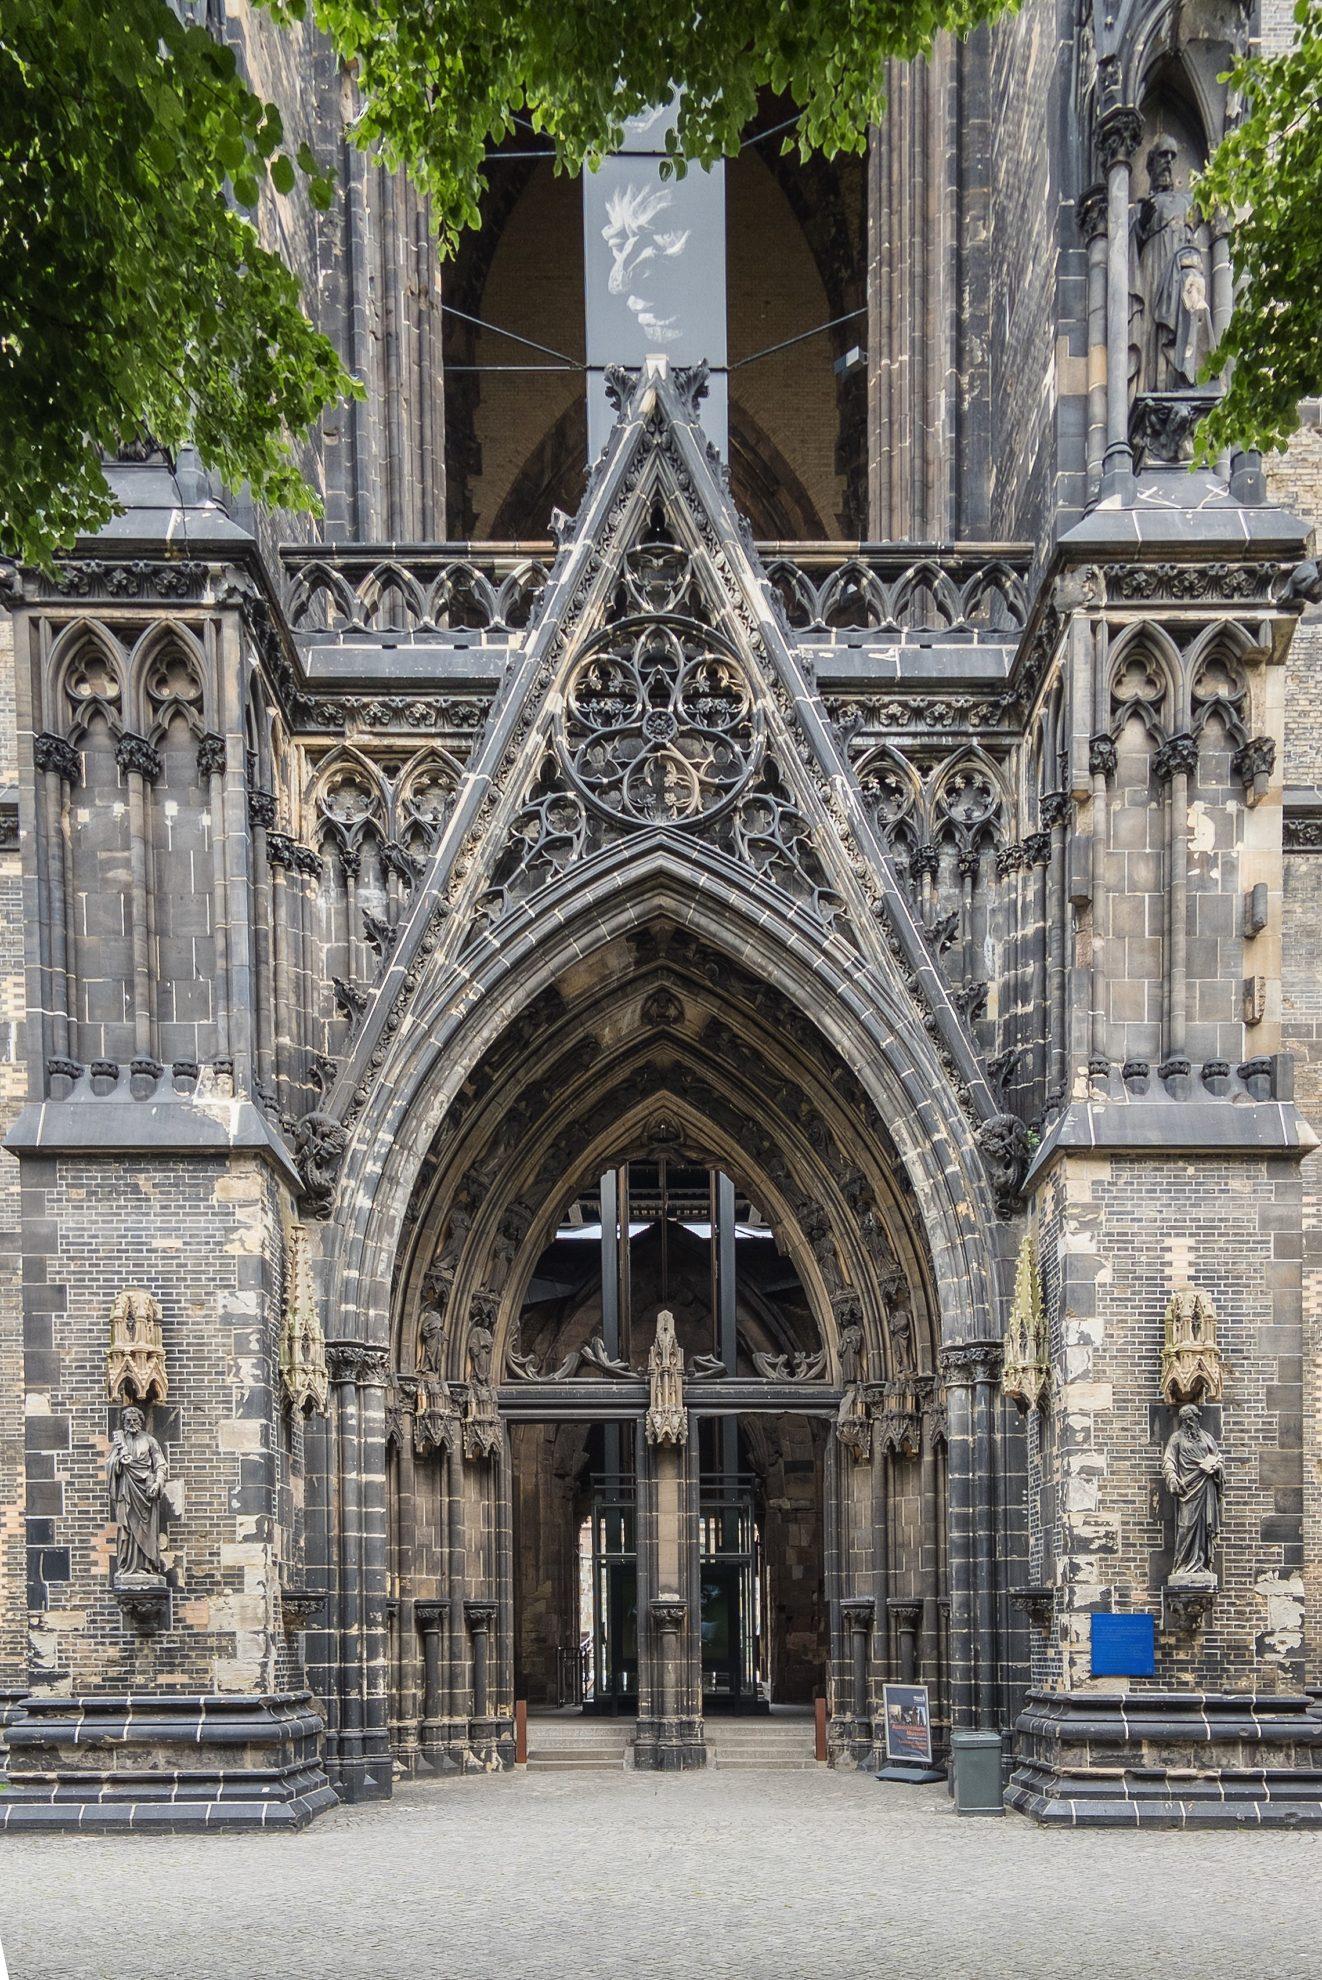 Entrance Sculpture Memorial St. Nicholas Church, Hamburg